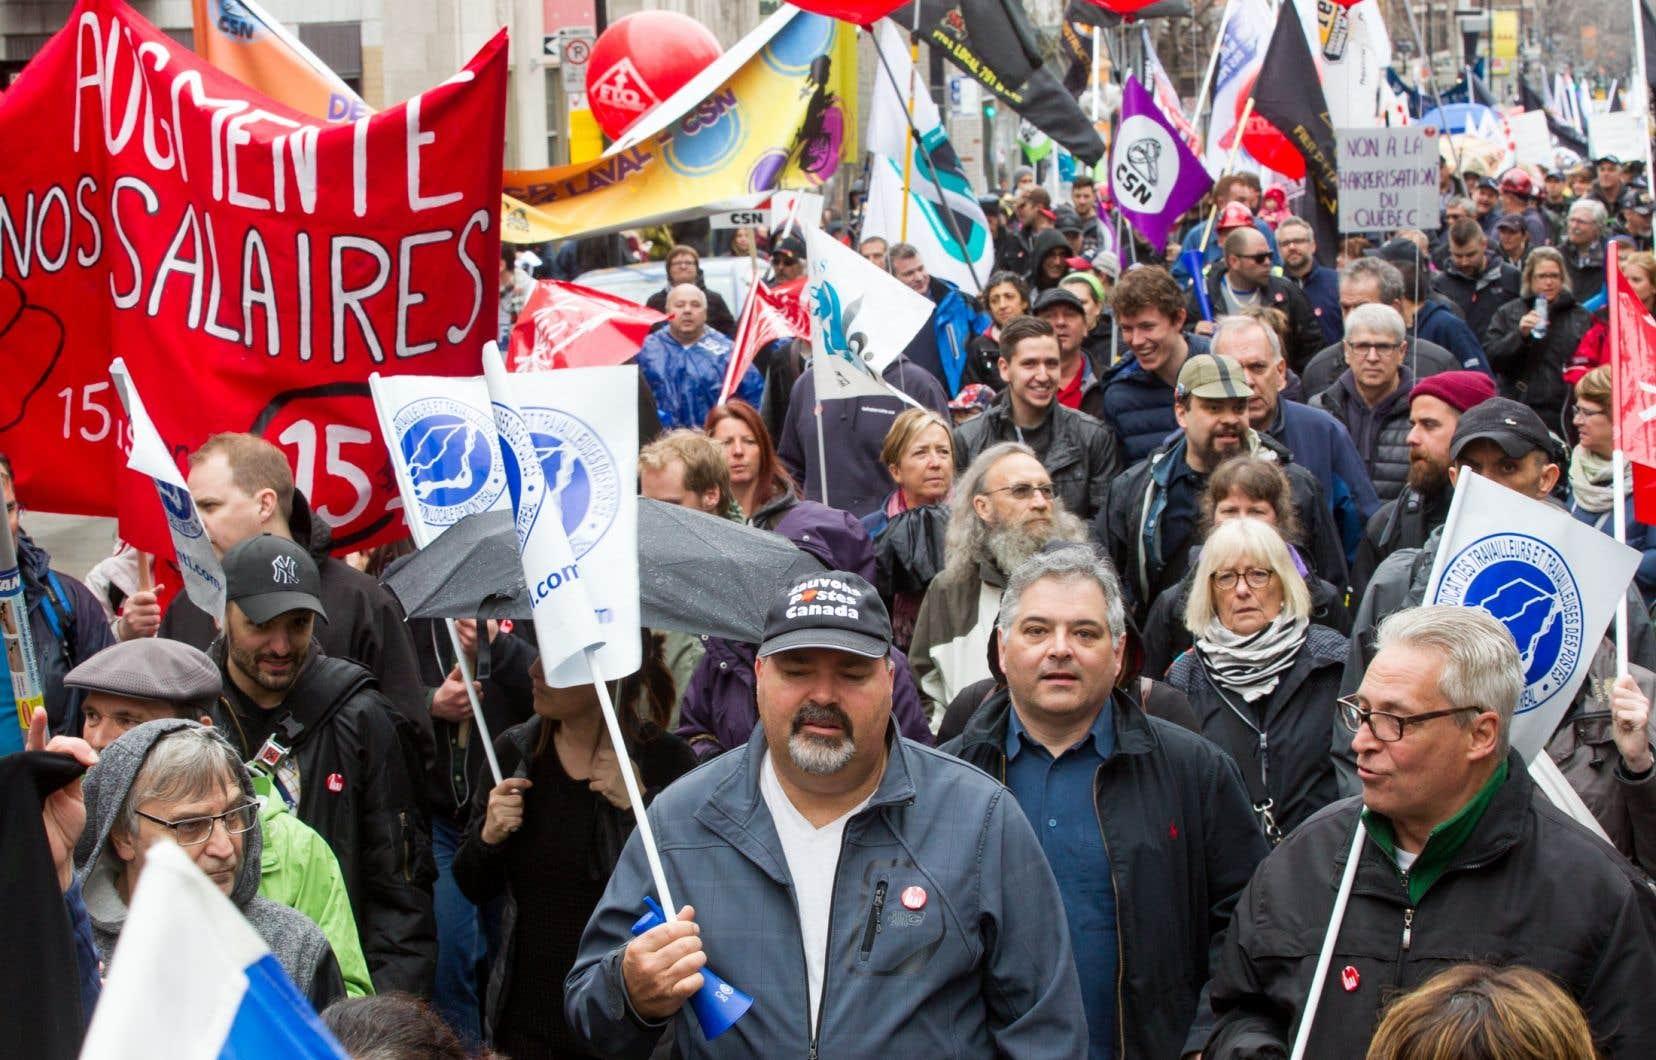 Puisque les travailleurs sont soumis aux assauts du néolibéralisme, le mouvement syndical a pour tâche de voir bien au-delà de la défense des salariés, estiment les auteurs.